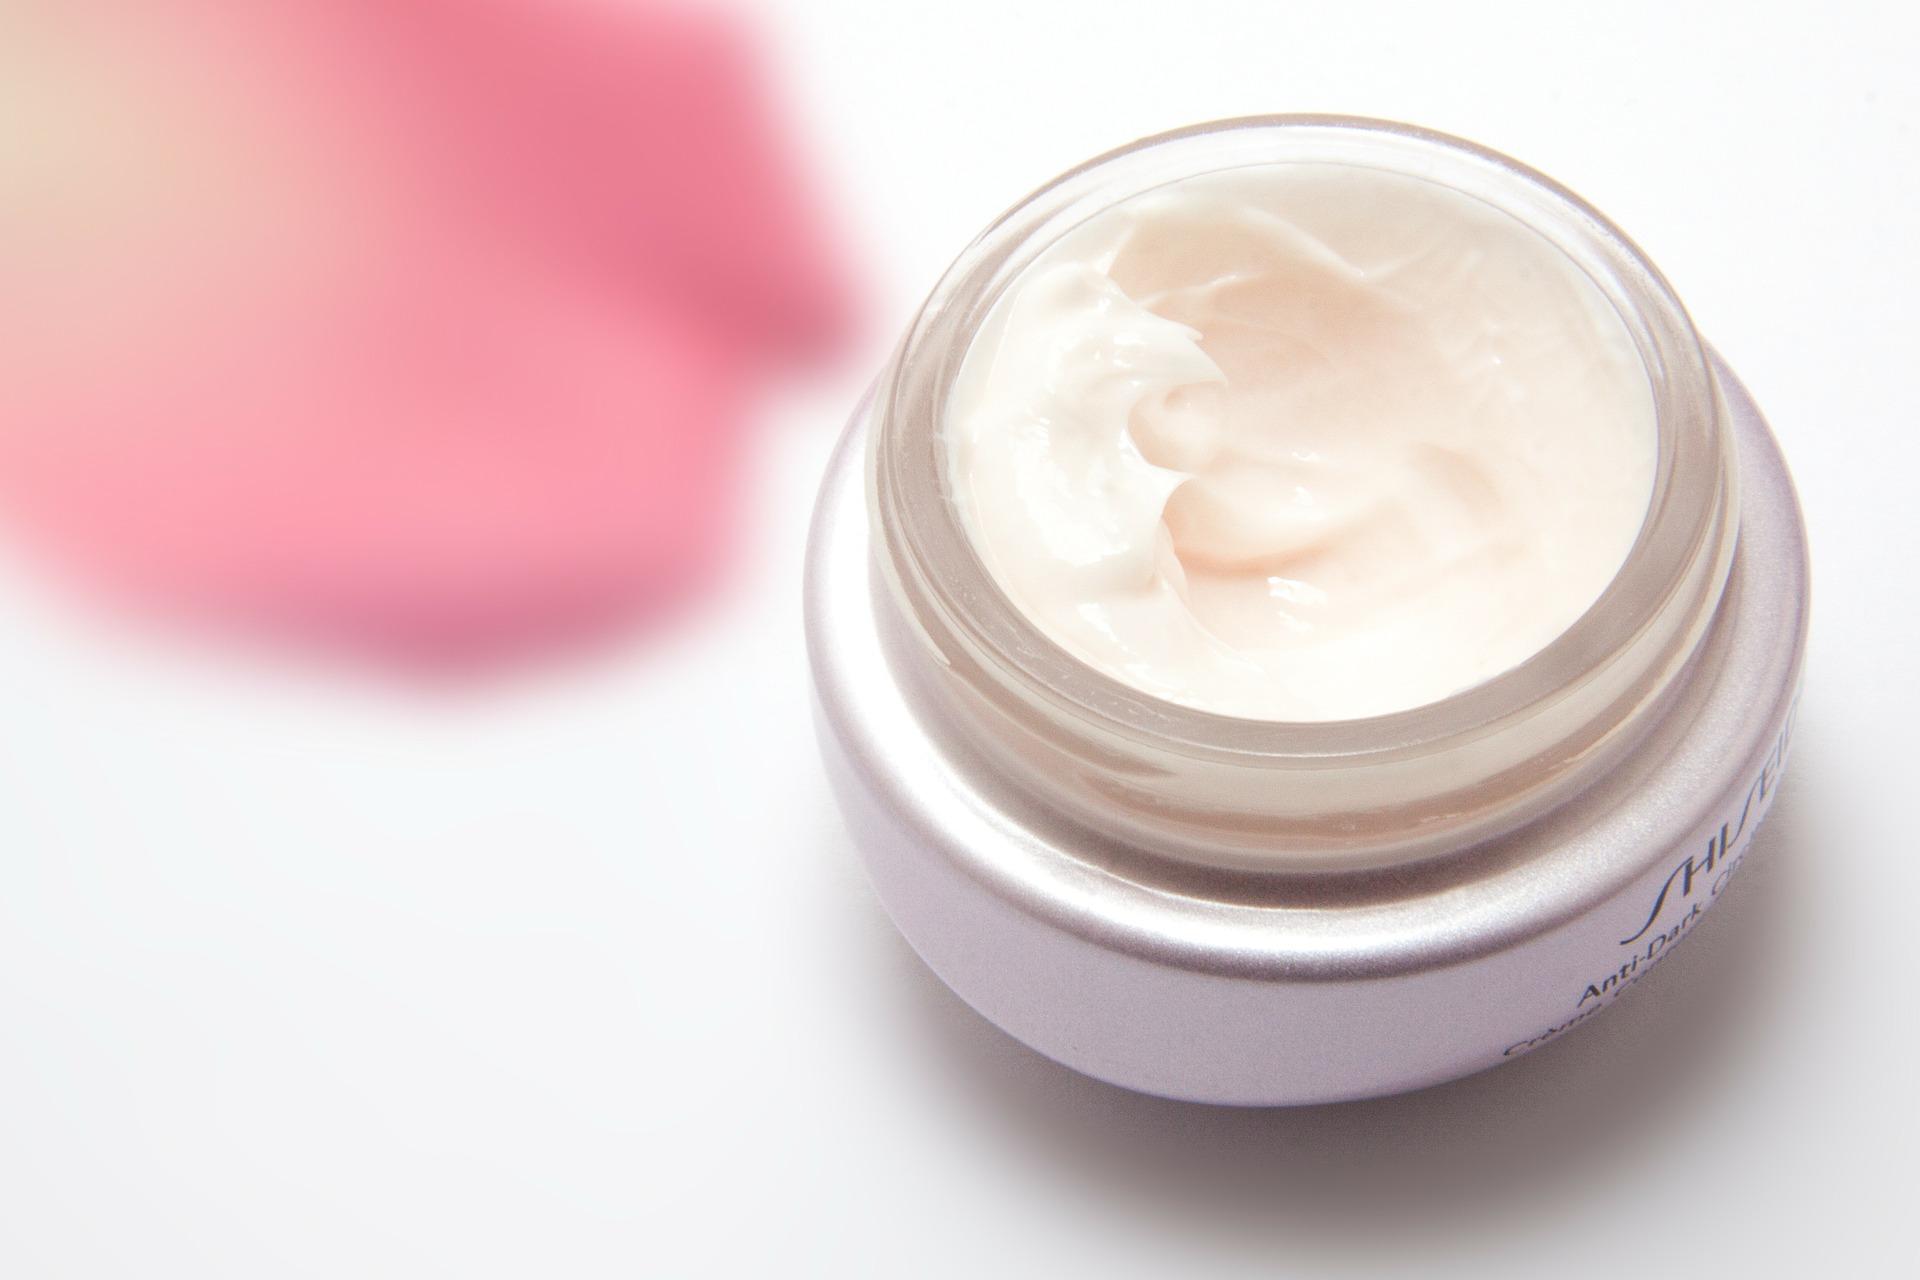 Silikony - prawdziwe oblicze w kosmetykach! Kate Nate